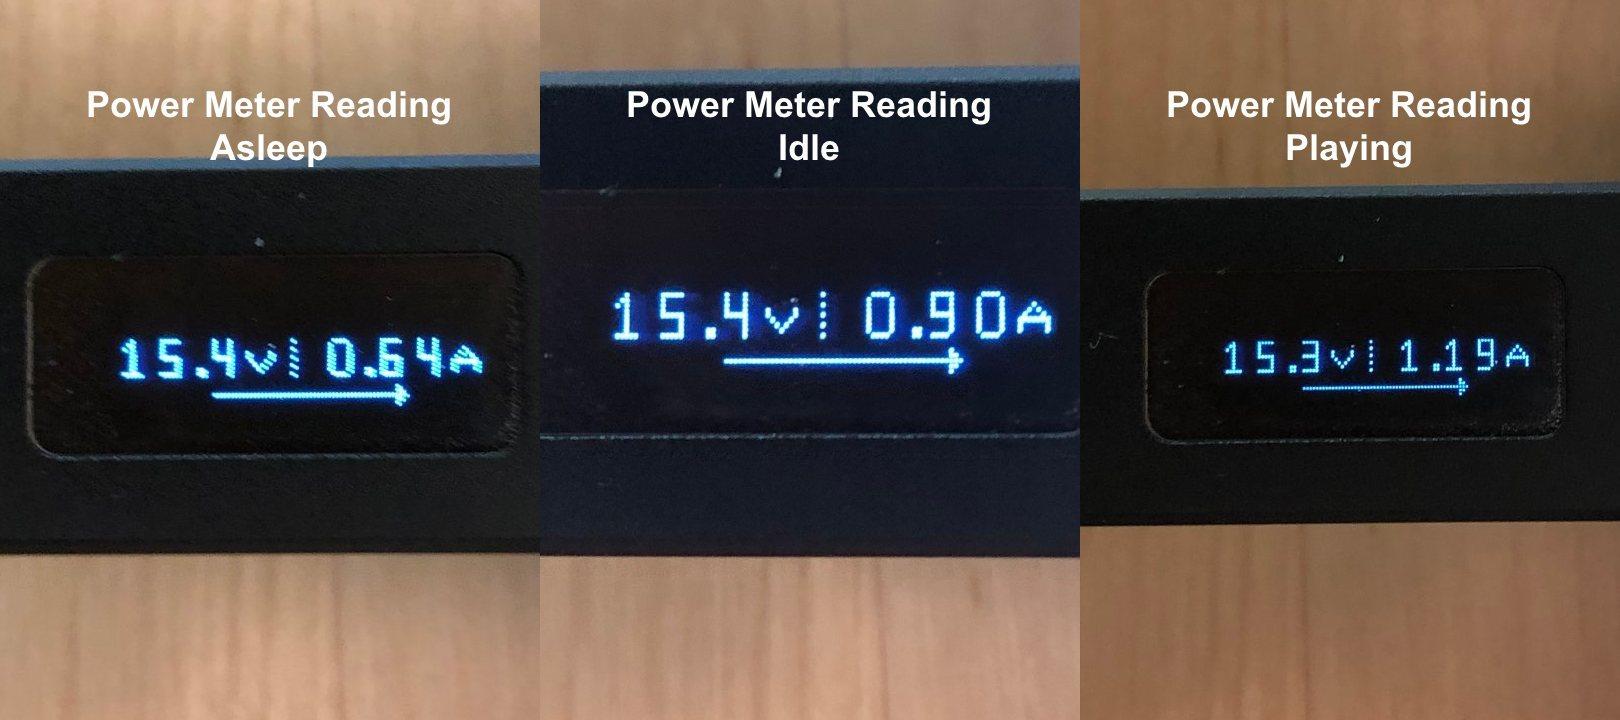 Lecturas del medidor de potencia